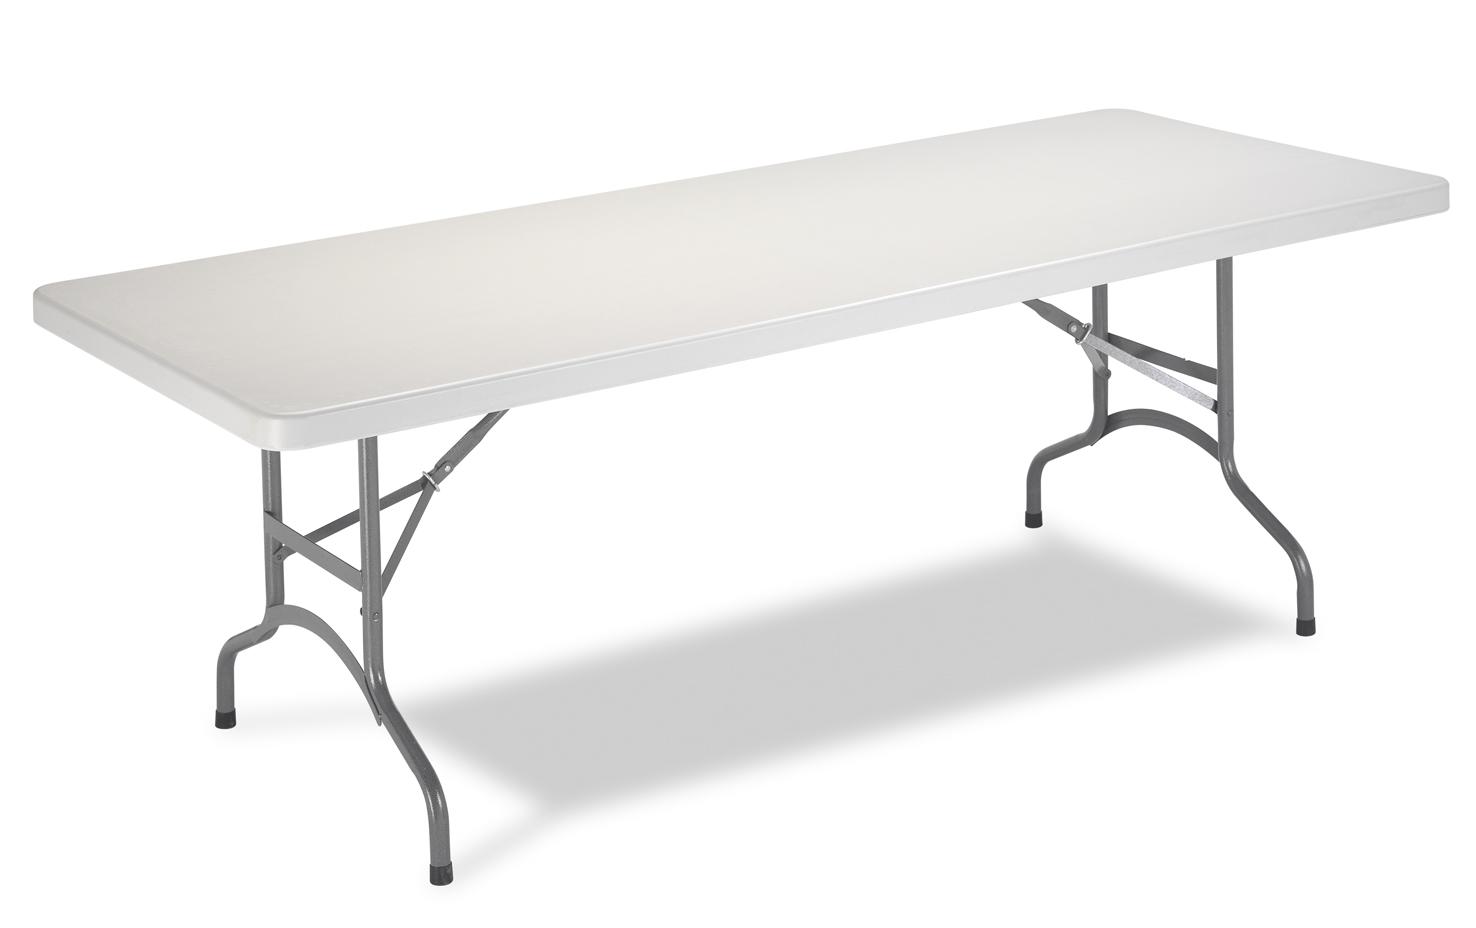 Mesa de plegar de resina de 1 22 x 60 cm distribuidora mundial c r s a - Mesa de resina plegable ...